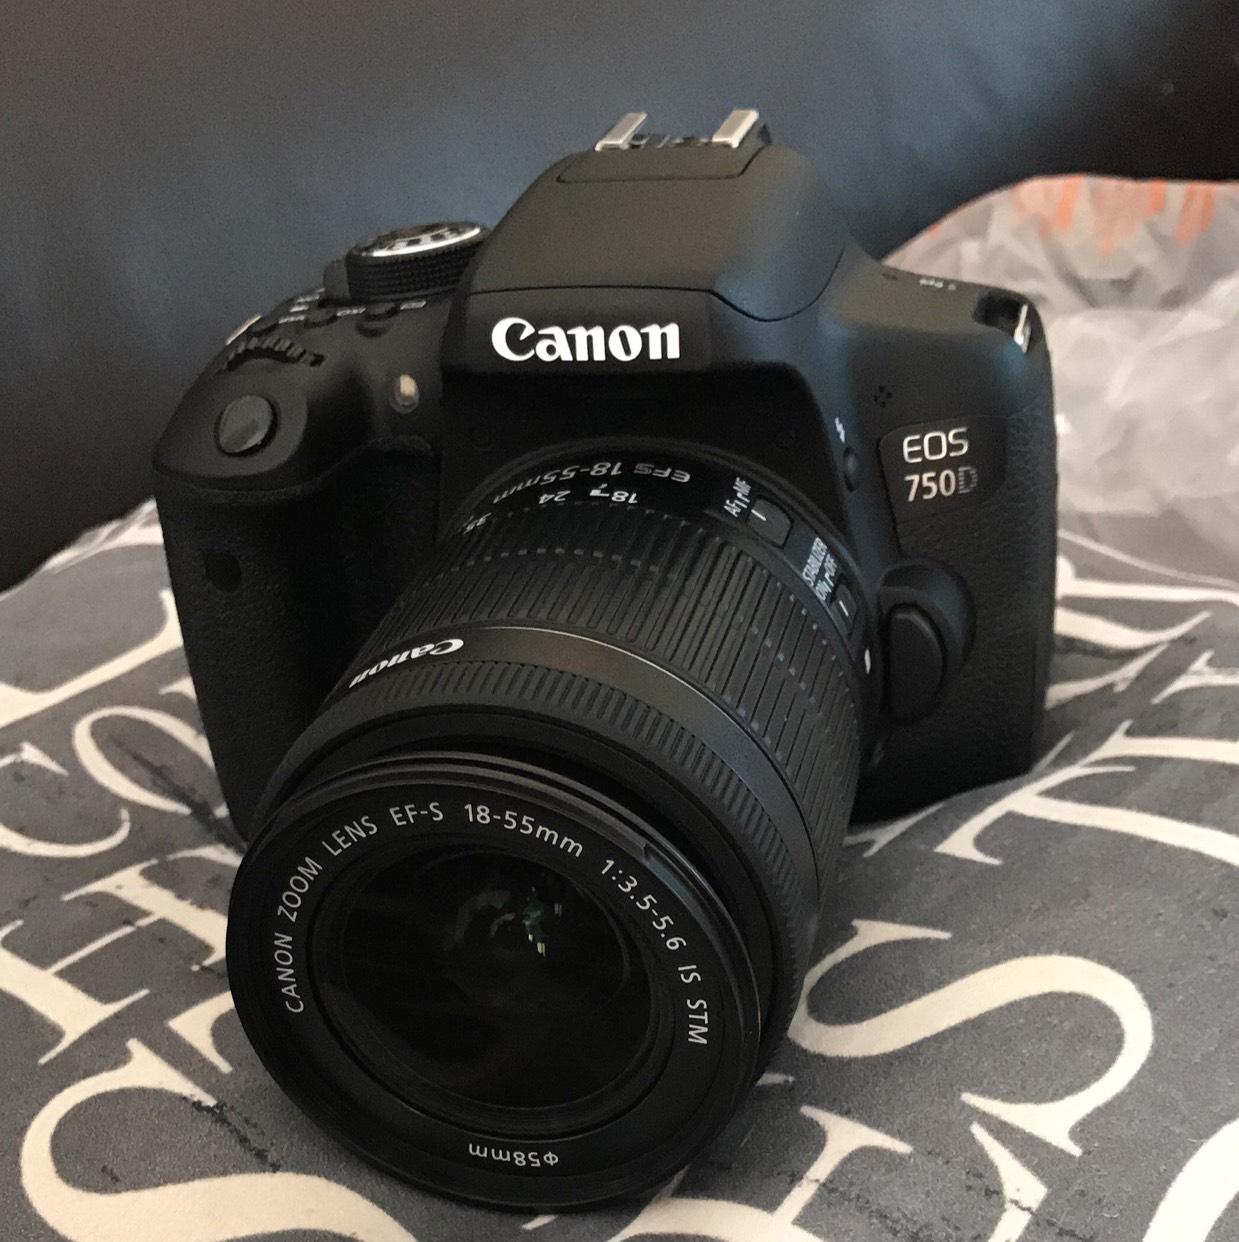 £50 off !!!! Canon 750D DSLR Camera - £549.99 @ Argos